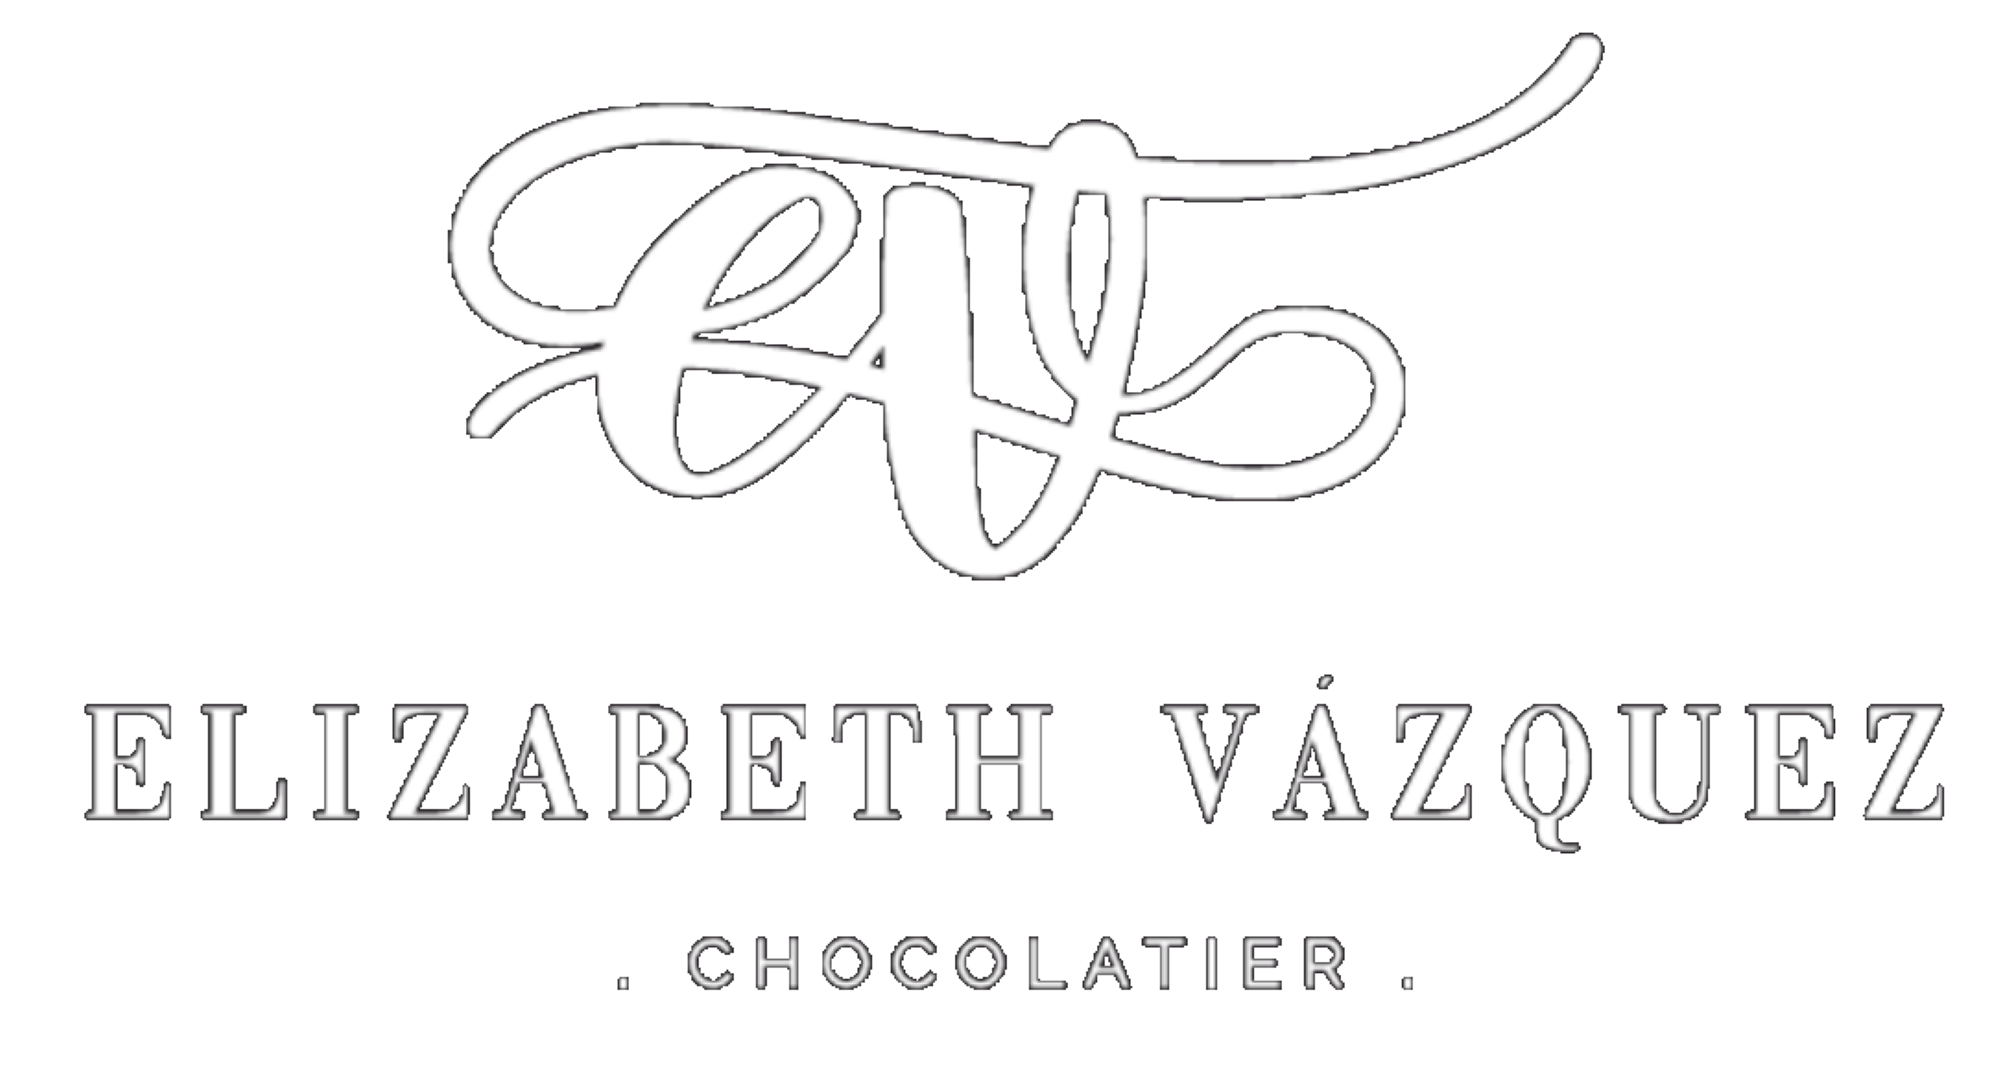 Elizabeth Vázquez | Chocolatier